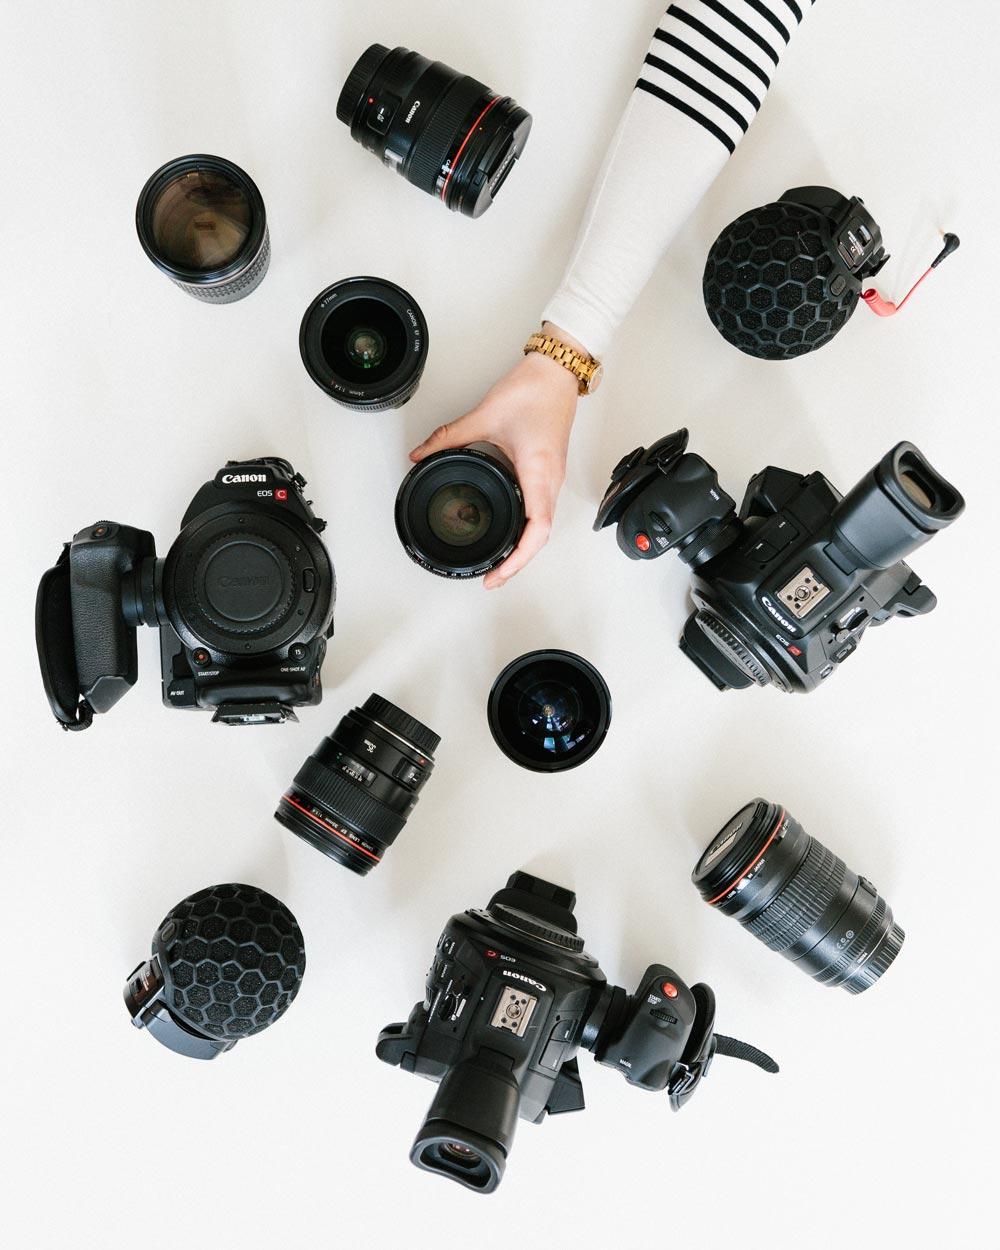 Canon Professional Cinema Gear